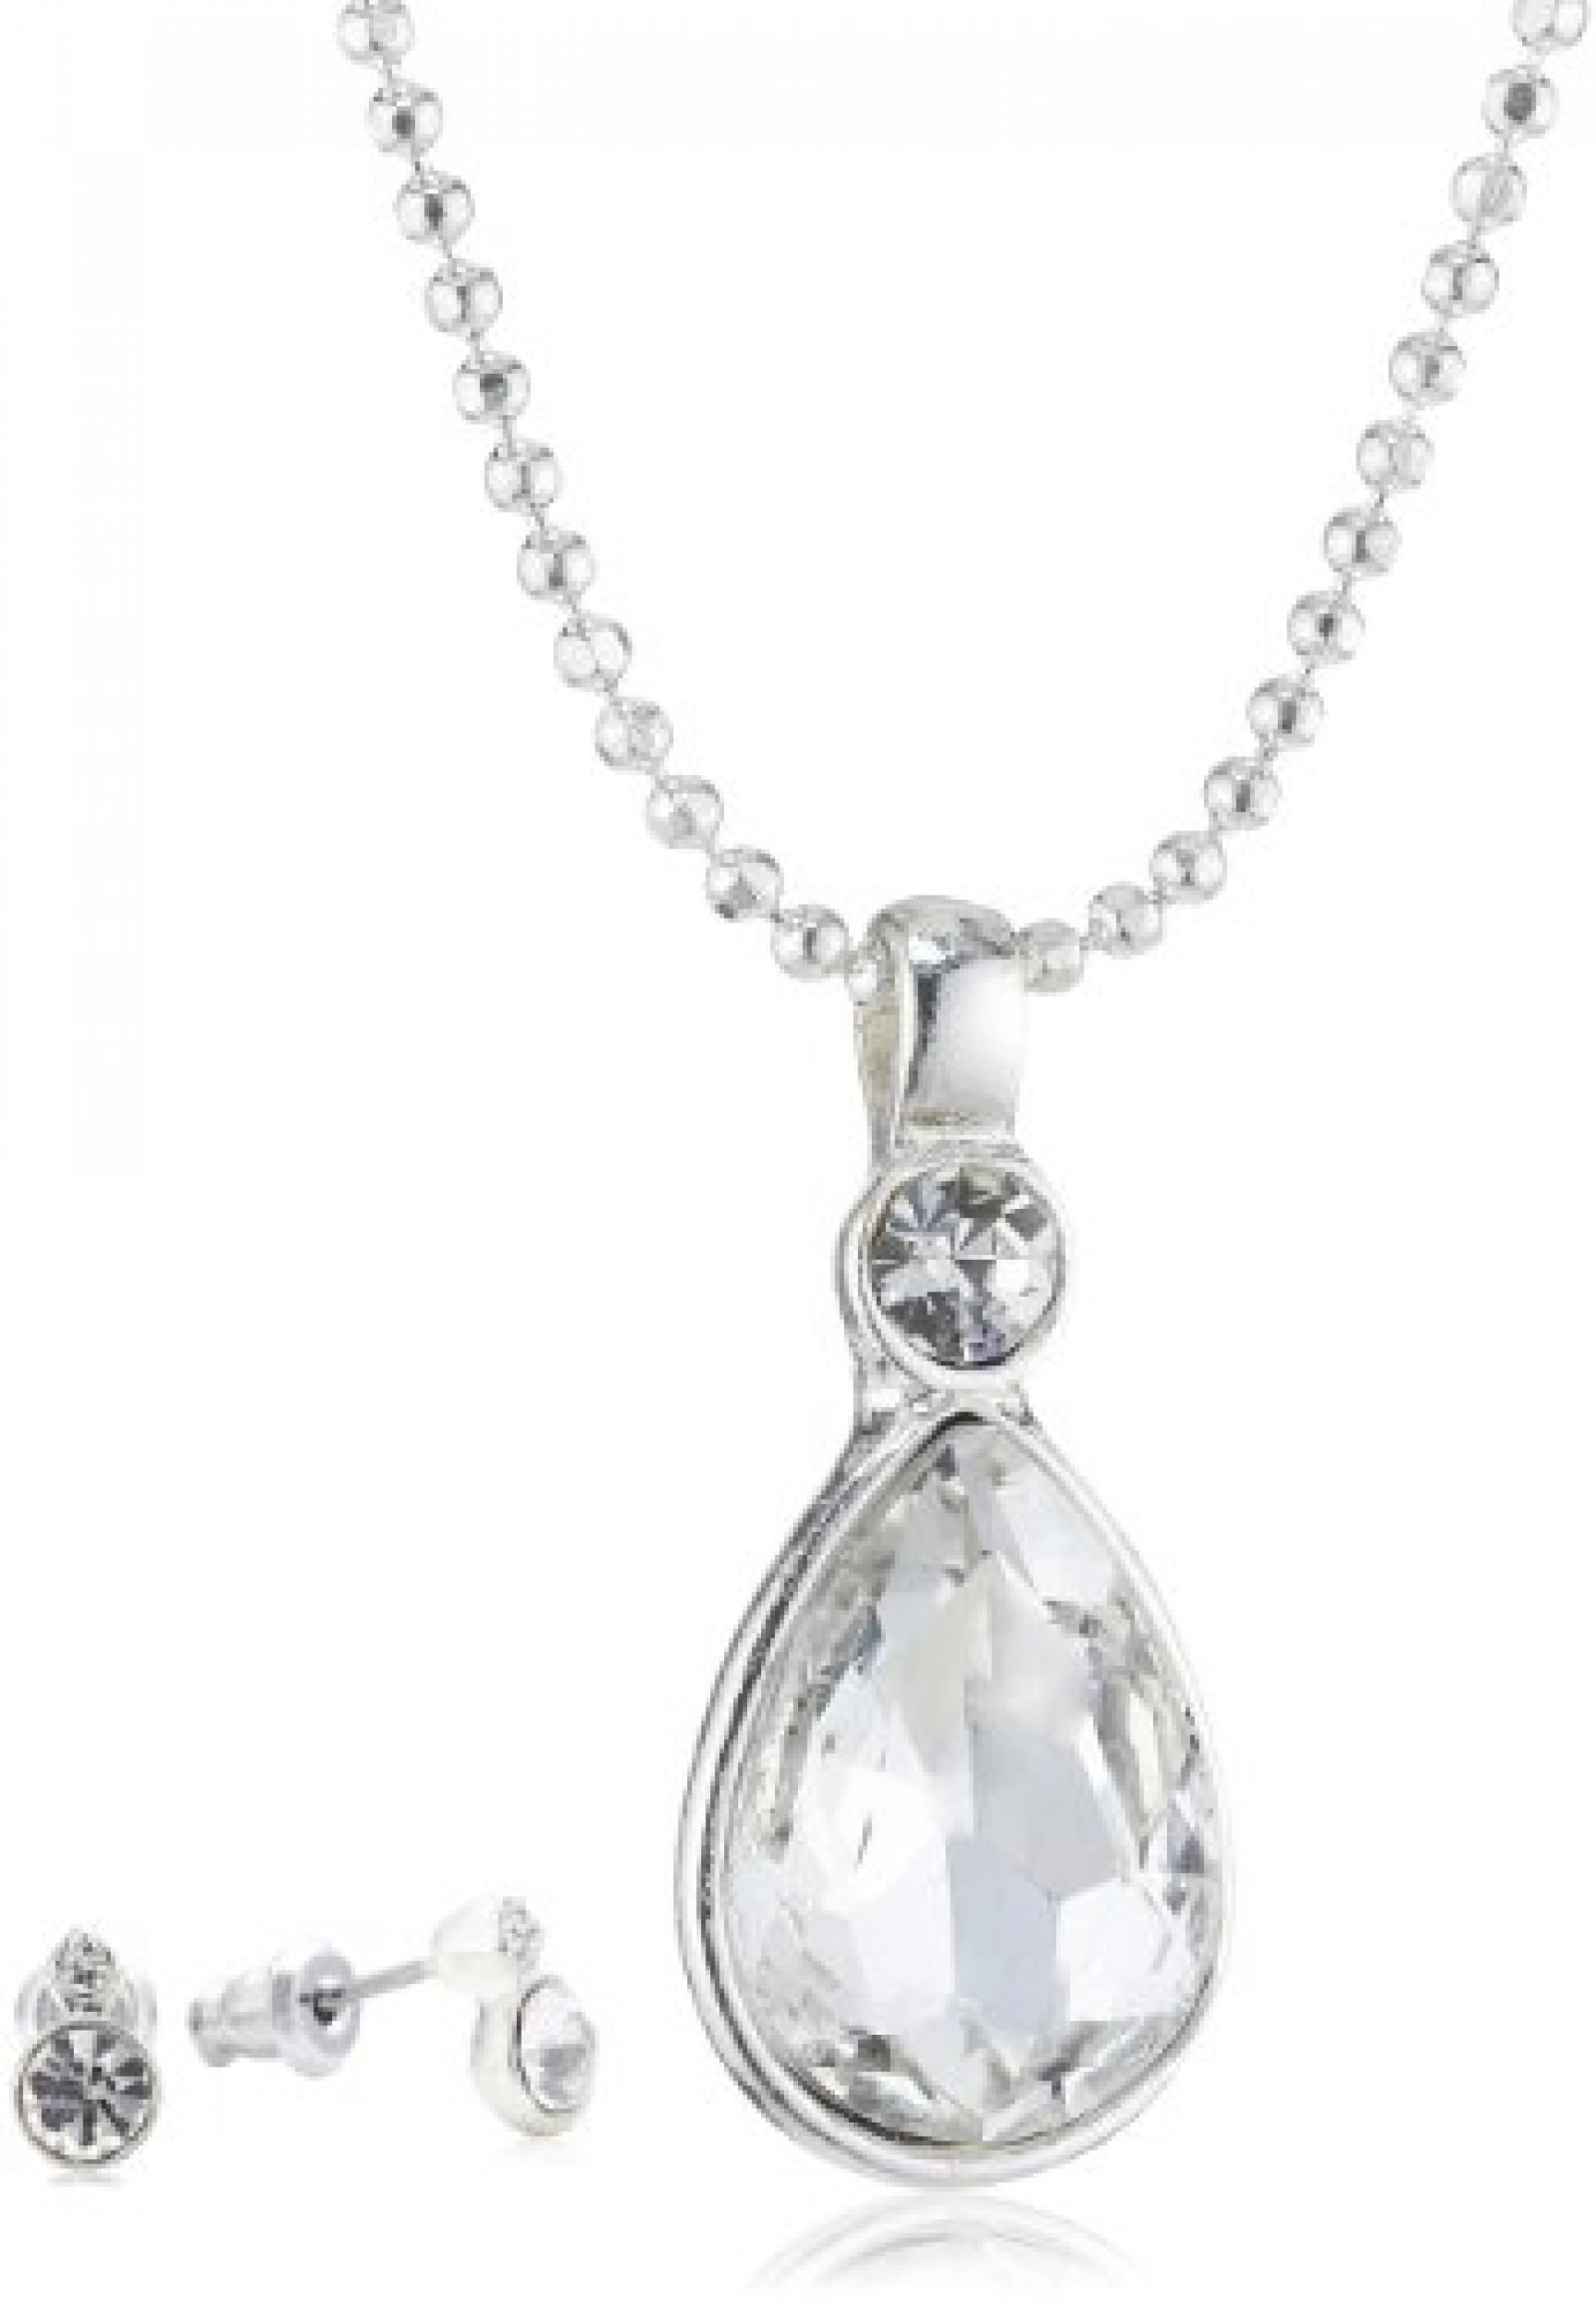 Pilgrim Jewelry Damen-Schmuckset: Halskette + Ohrstecker versilbert Kristall weiß 901346009